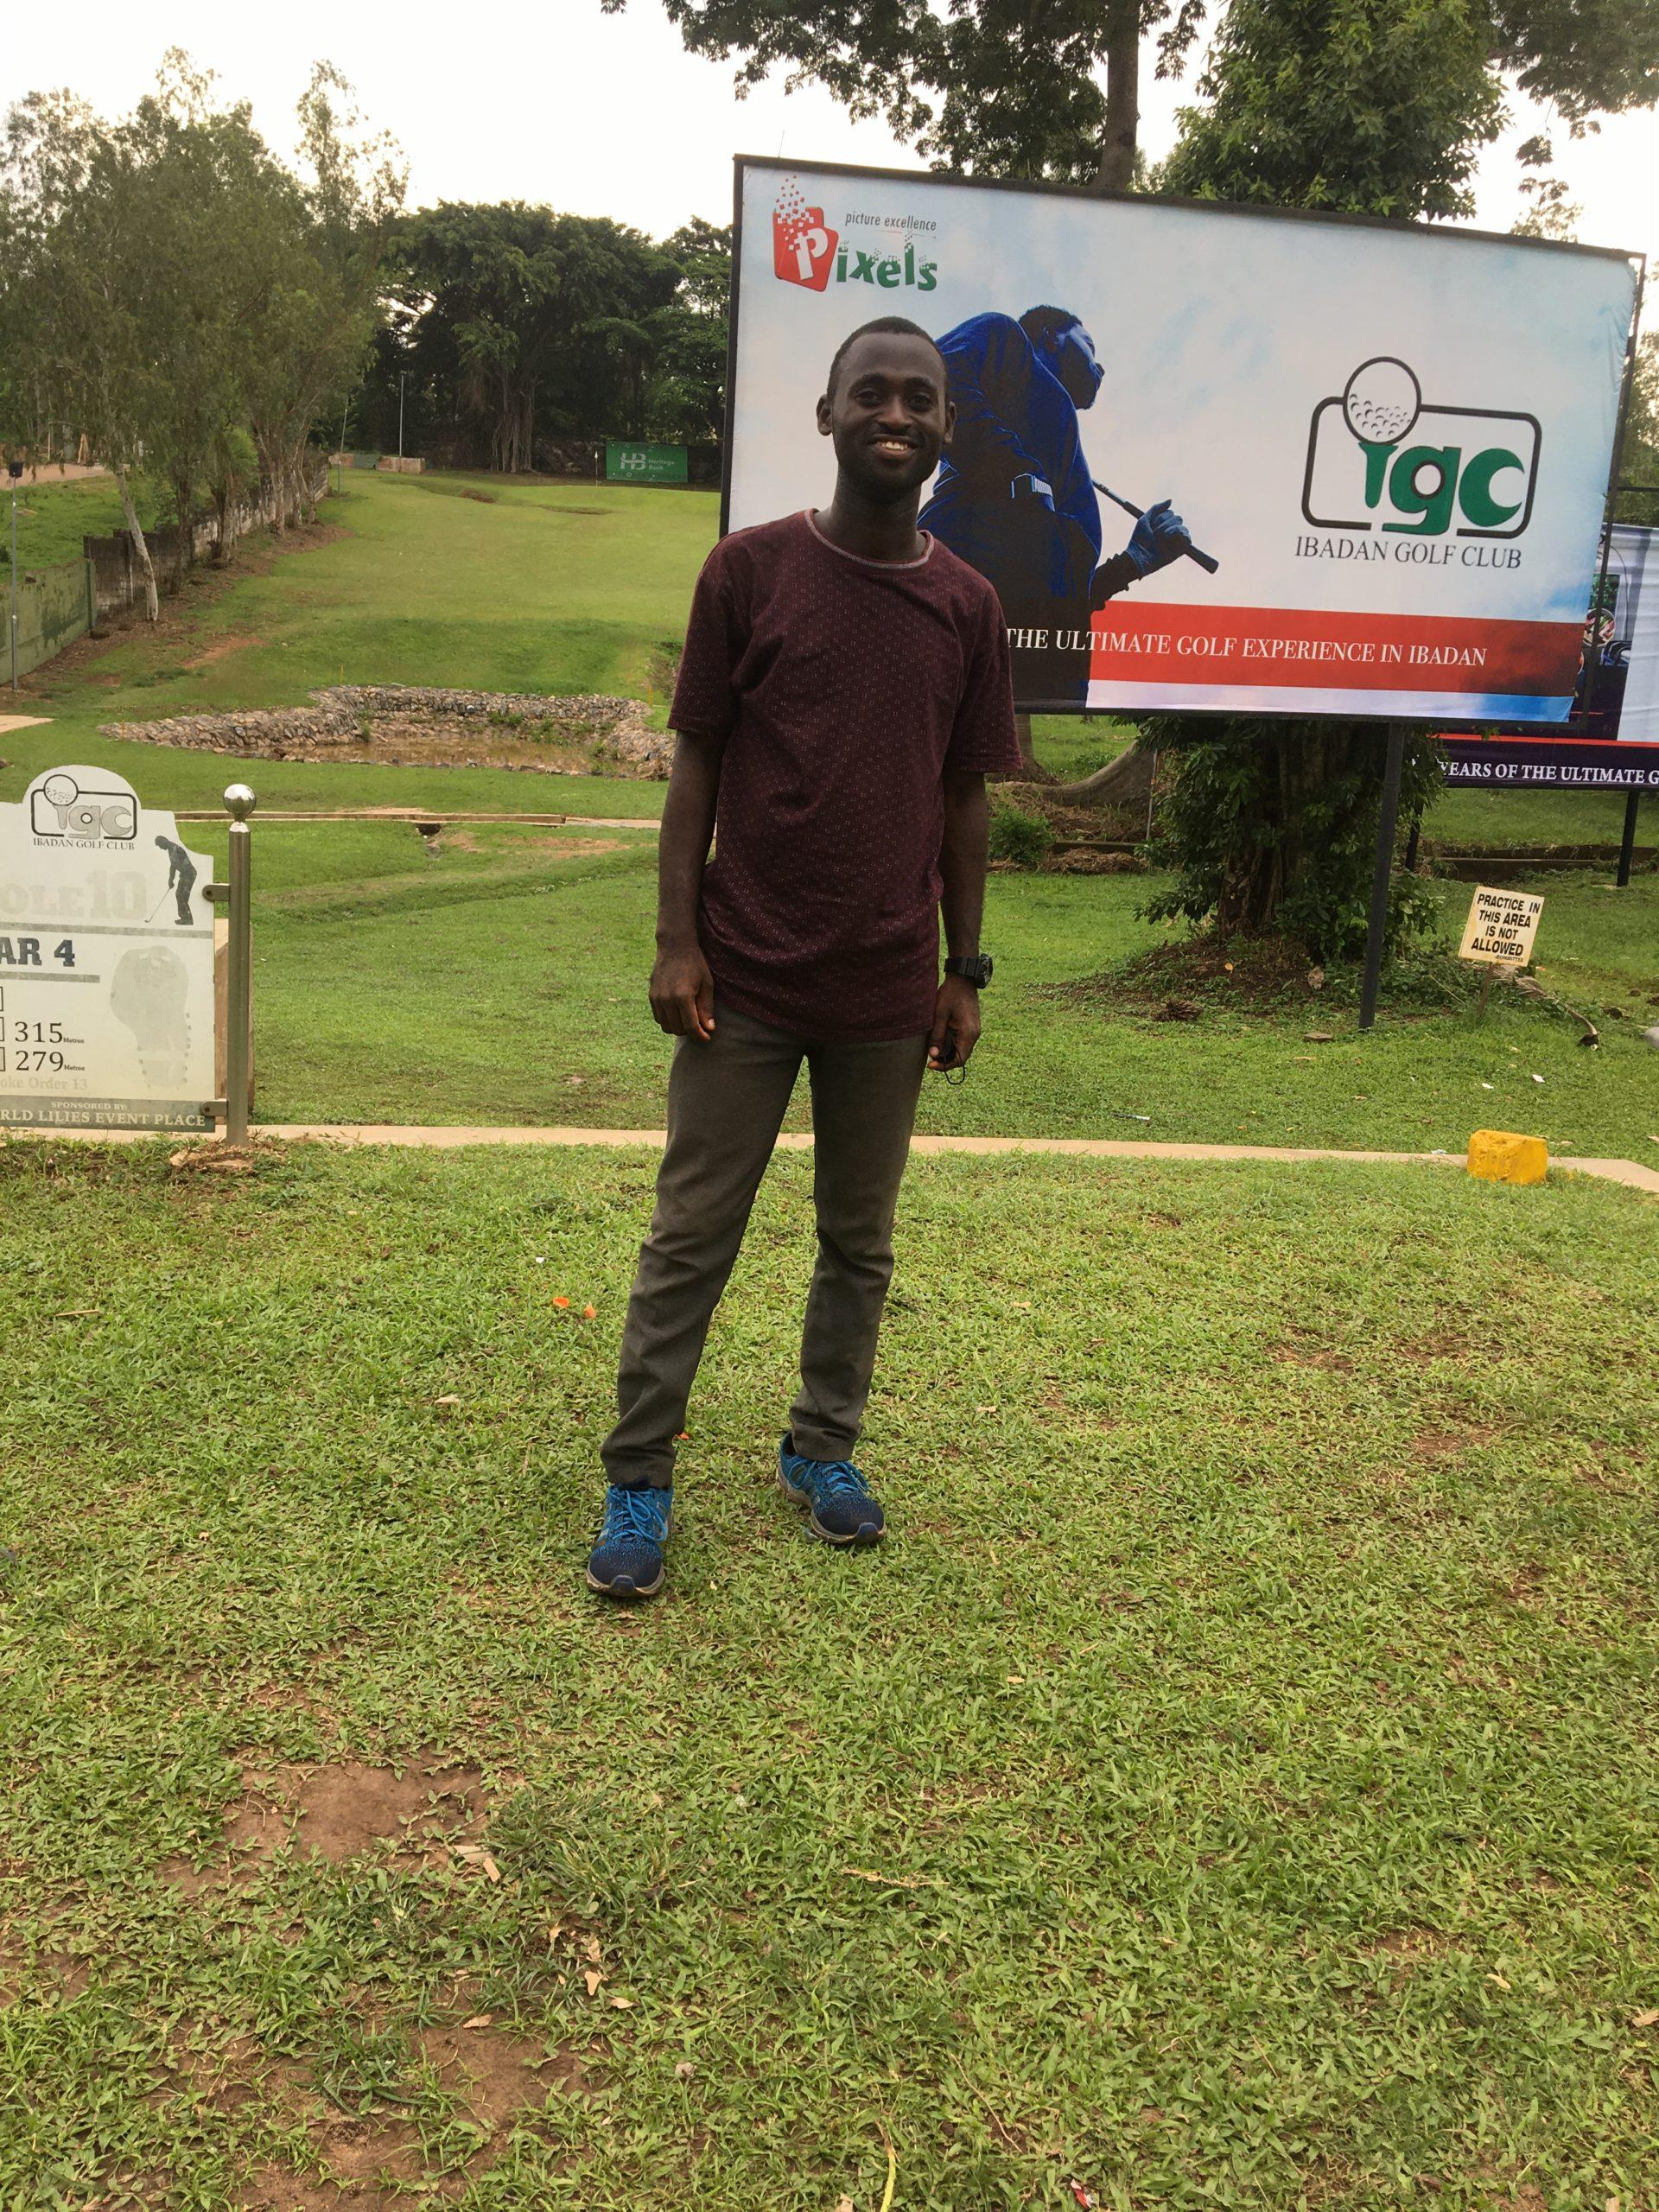 Olawale photo